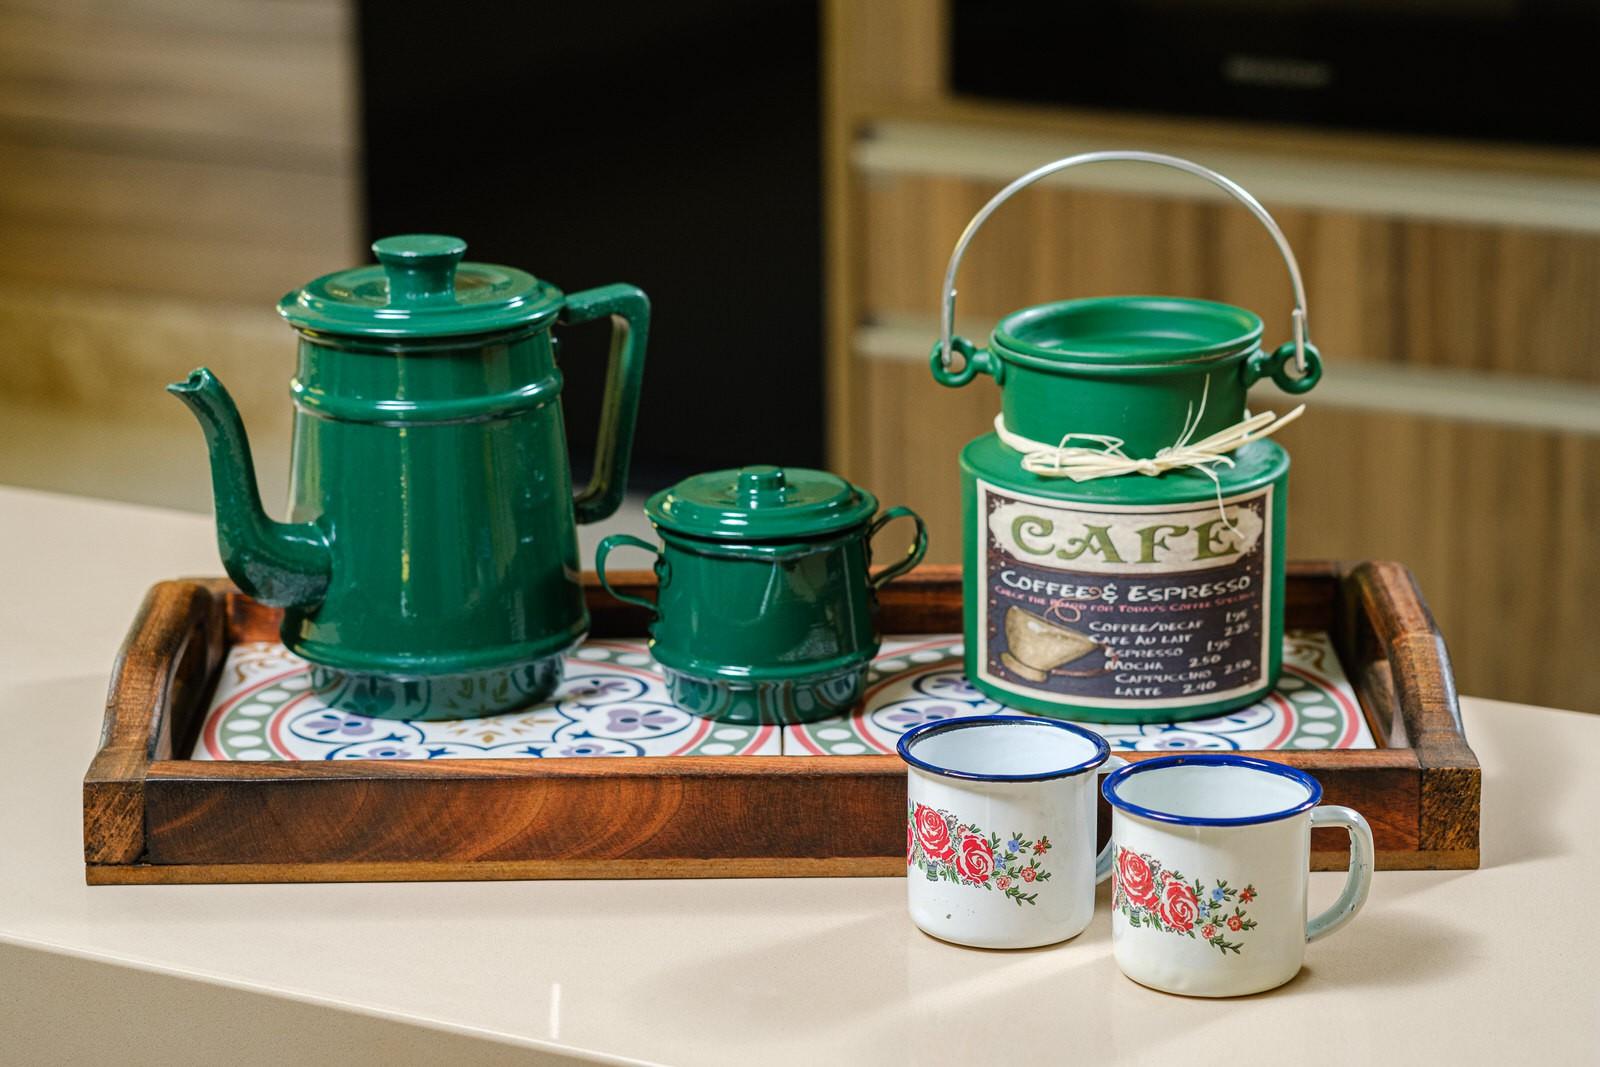 Kit Bandeja em Madeira Rústica com Bule 1 Litro, Leiteira, Açucareiro Verde e Canecas com Flores